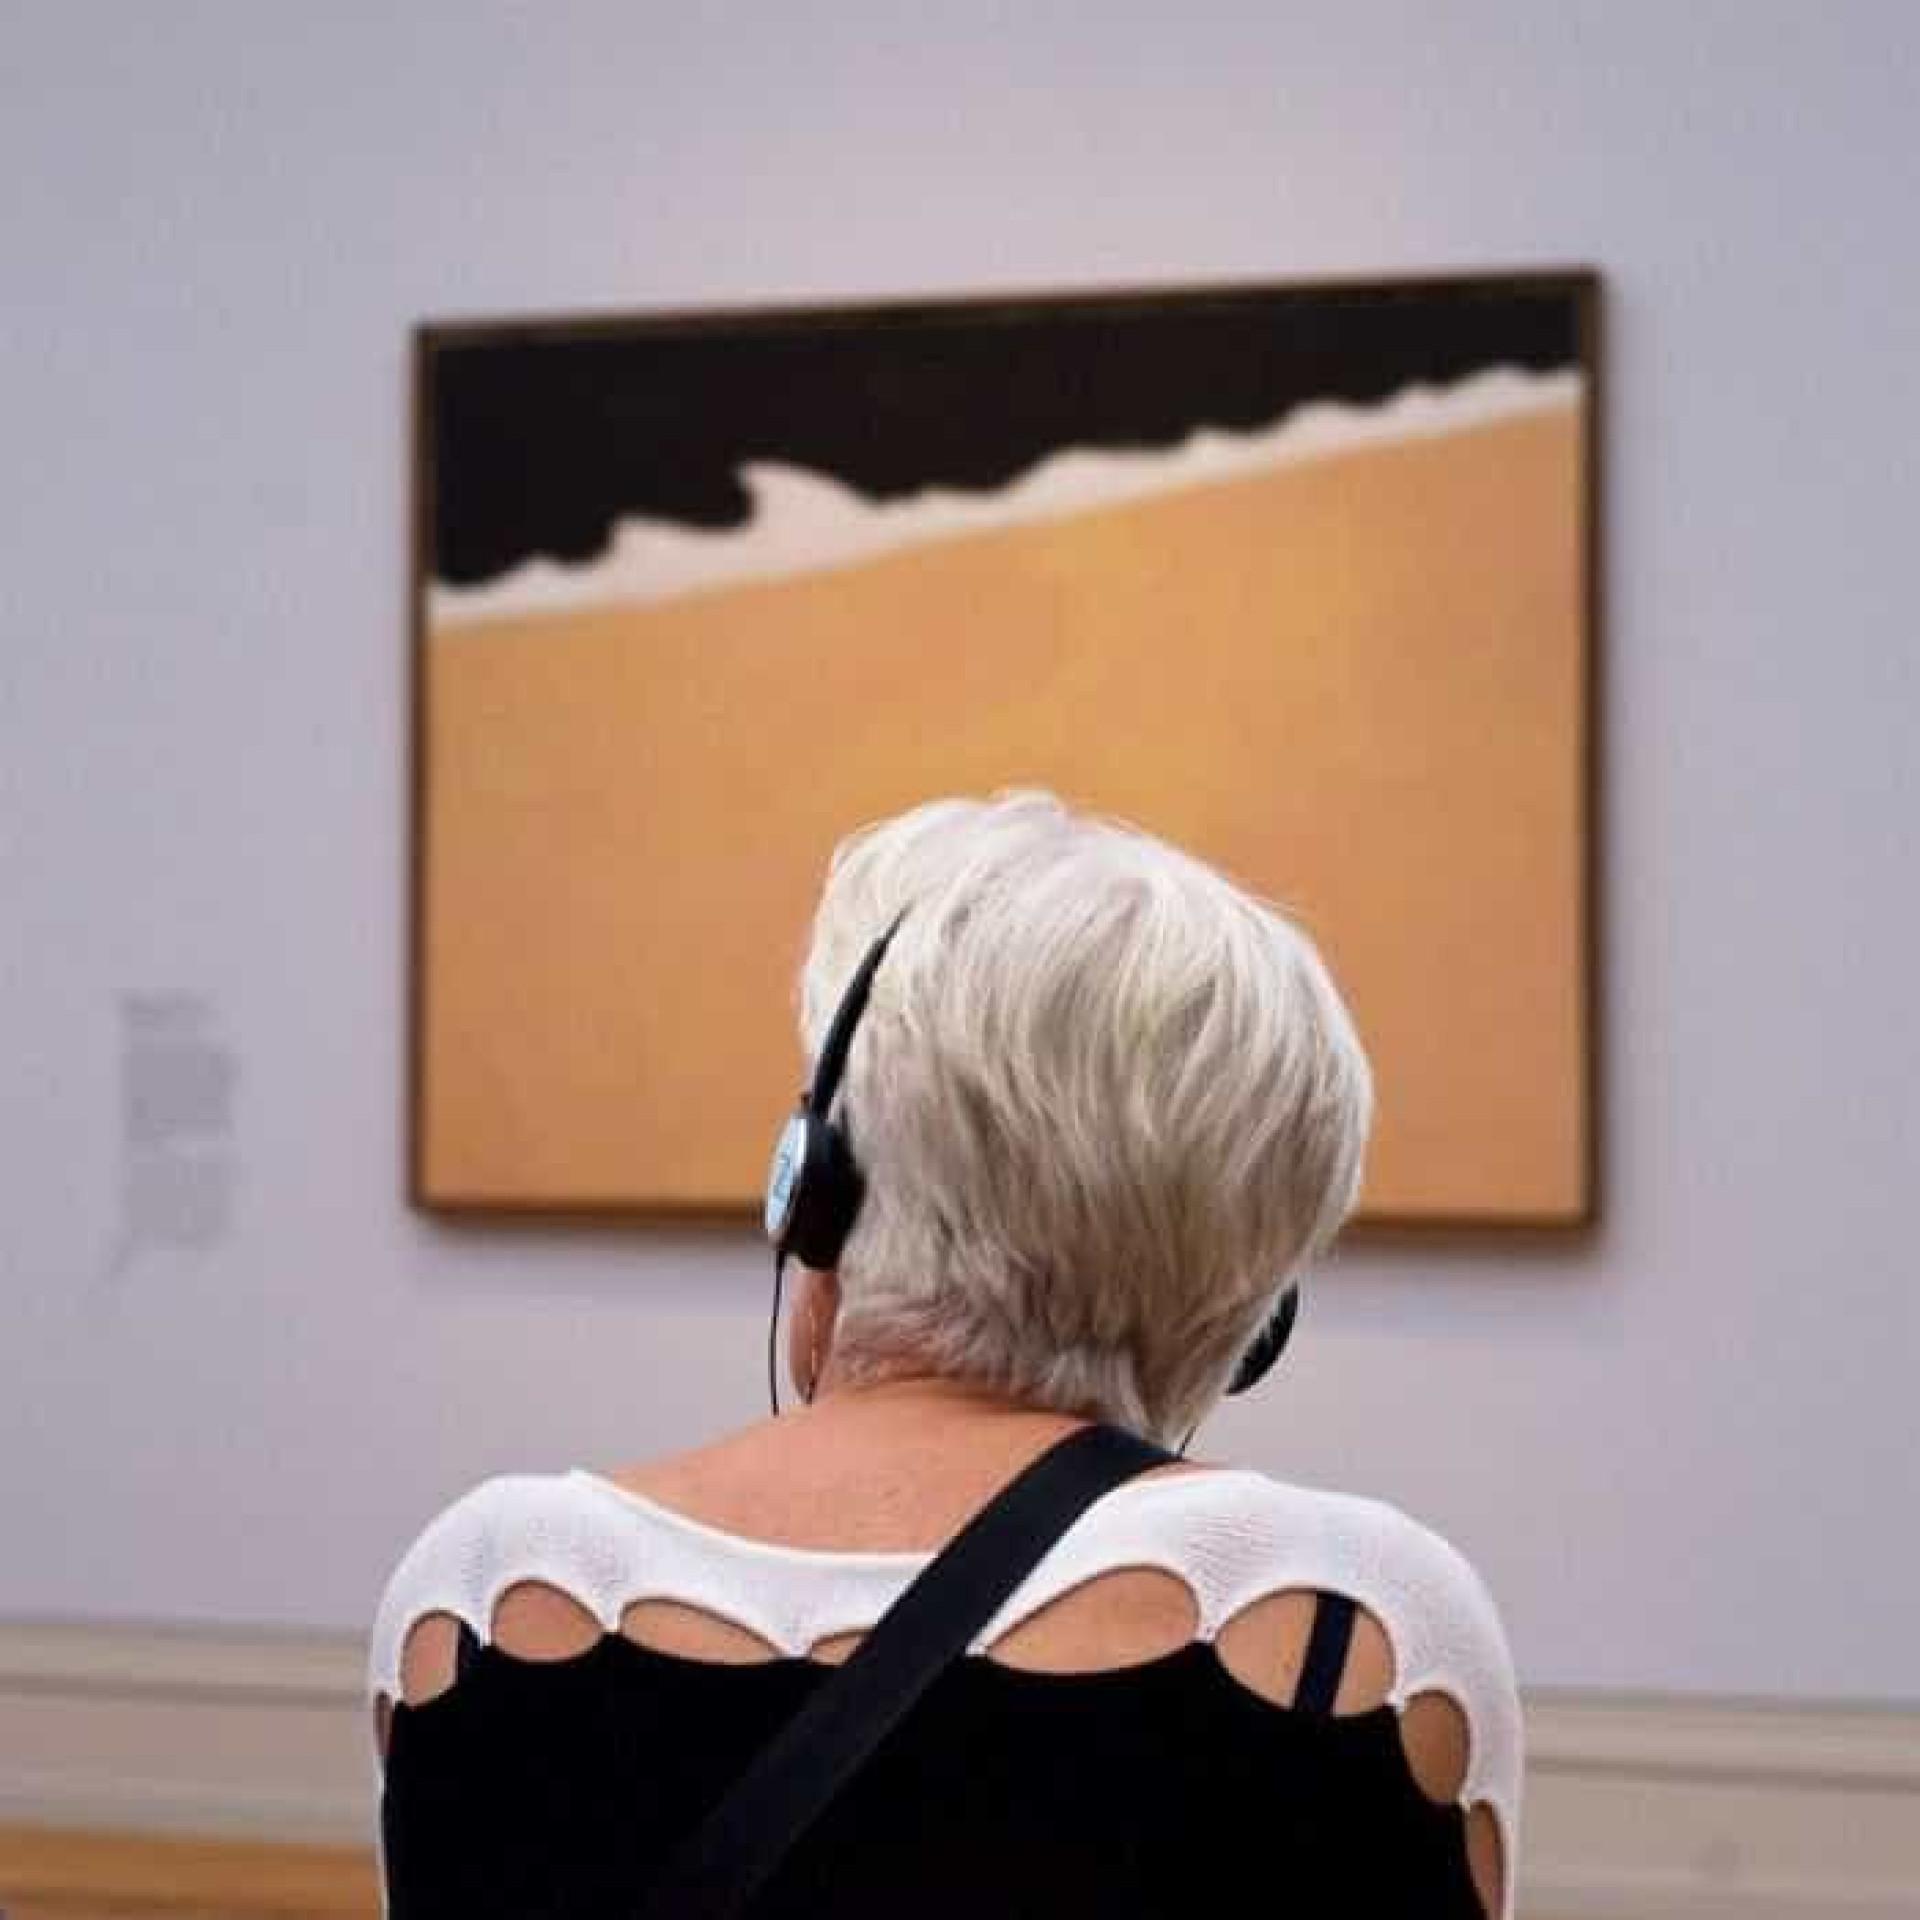 Fotógrafo passou horas no museu à espera de tirar estas fotos